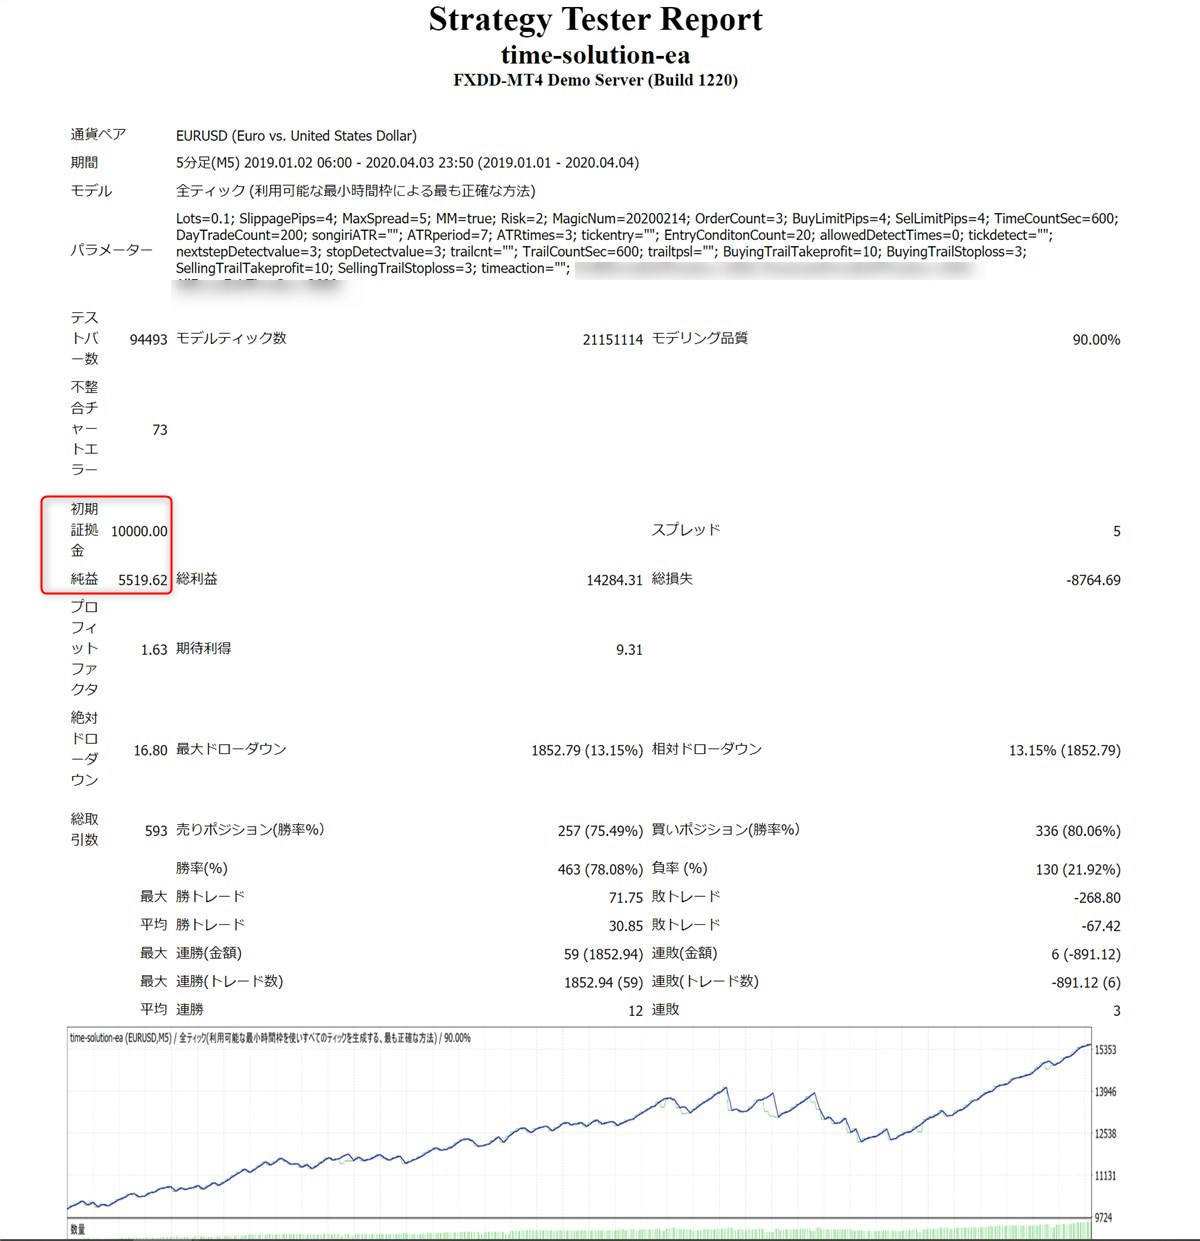 タイムソリューションEA:ユーロドルのバックテスト結果(2019年~2020年4月)